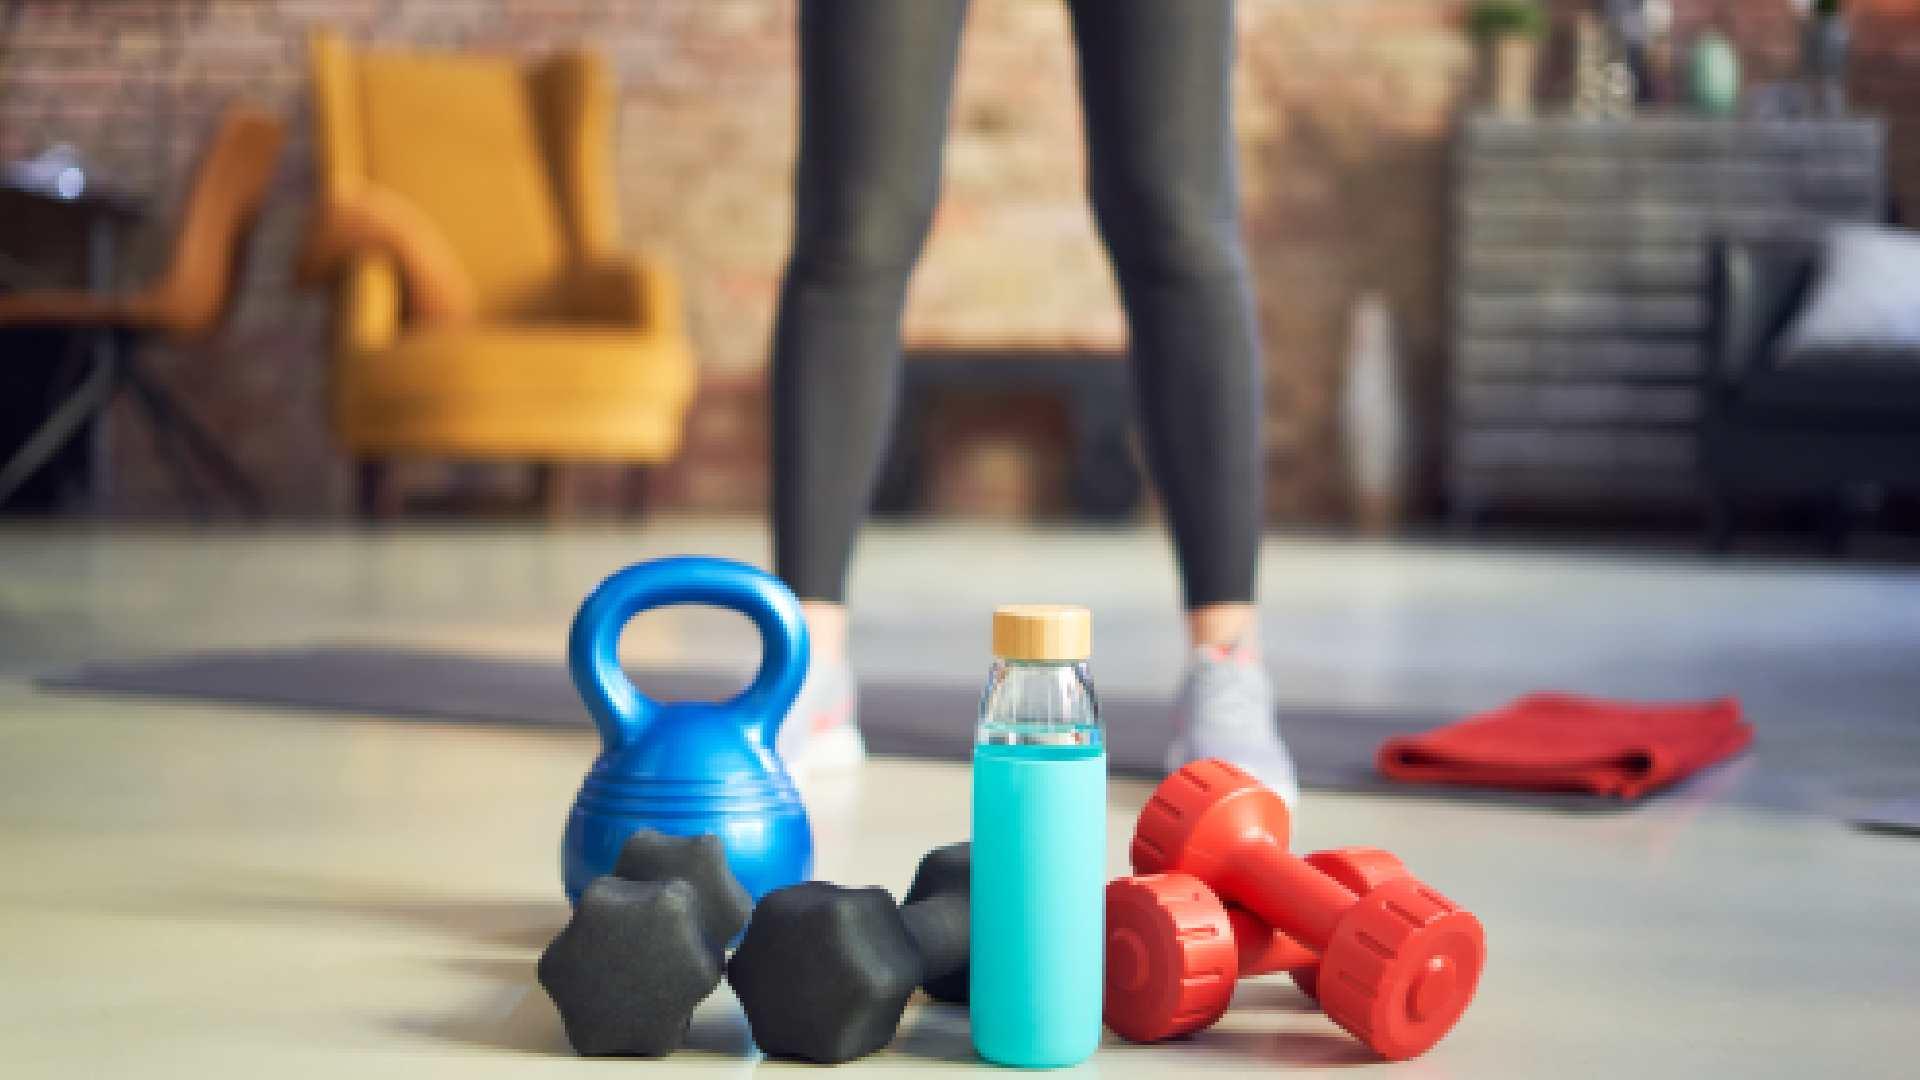 Itens de musculação em casa dispostos numa sala de estar